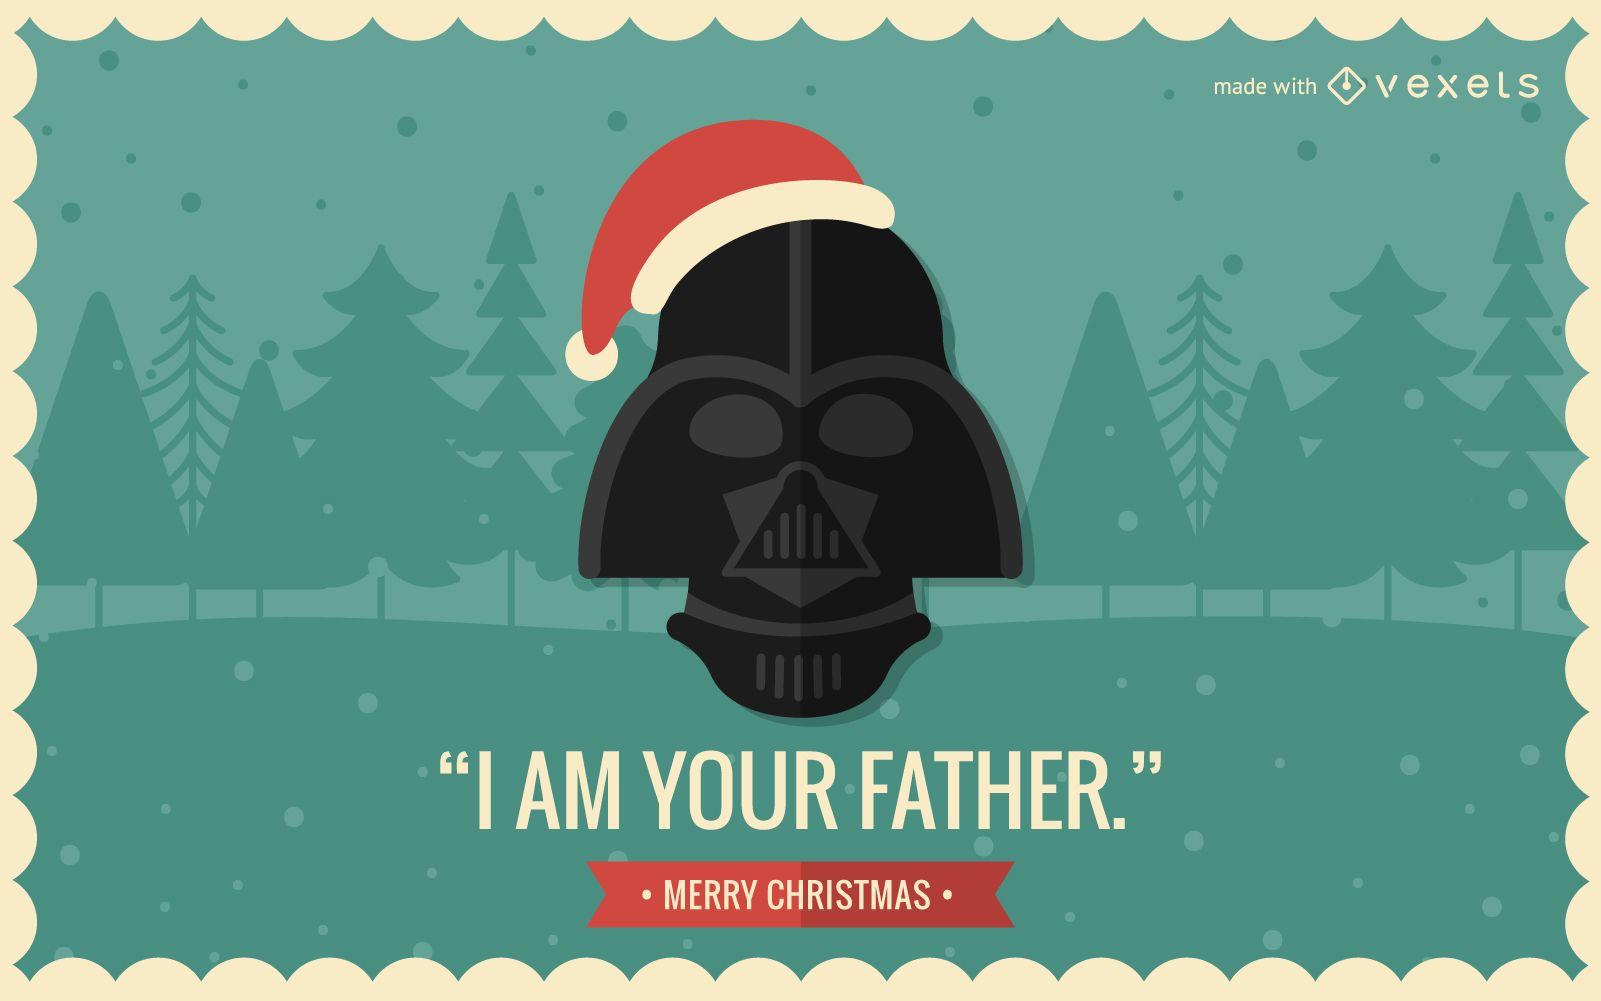 Creador de tarjetas navideñas de cultura pop